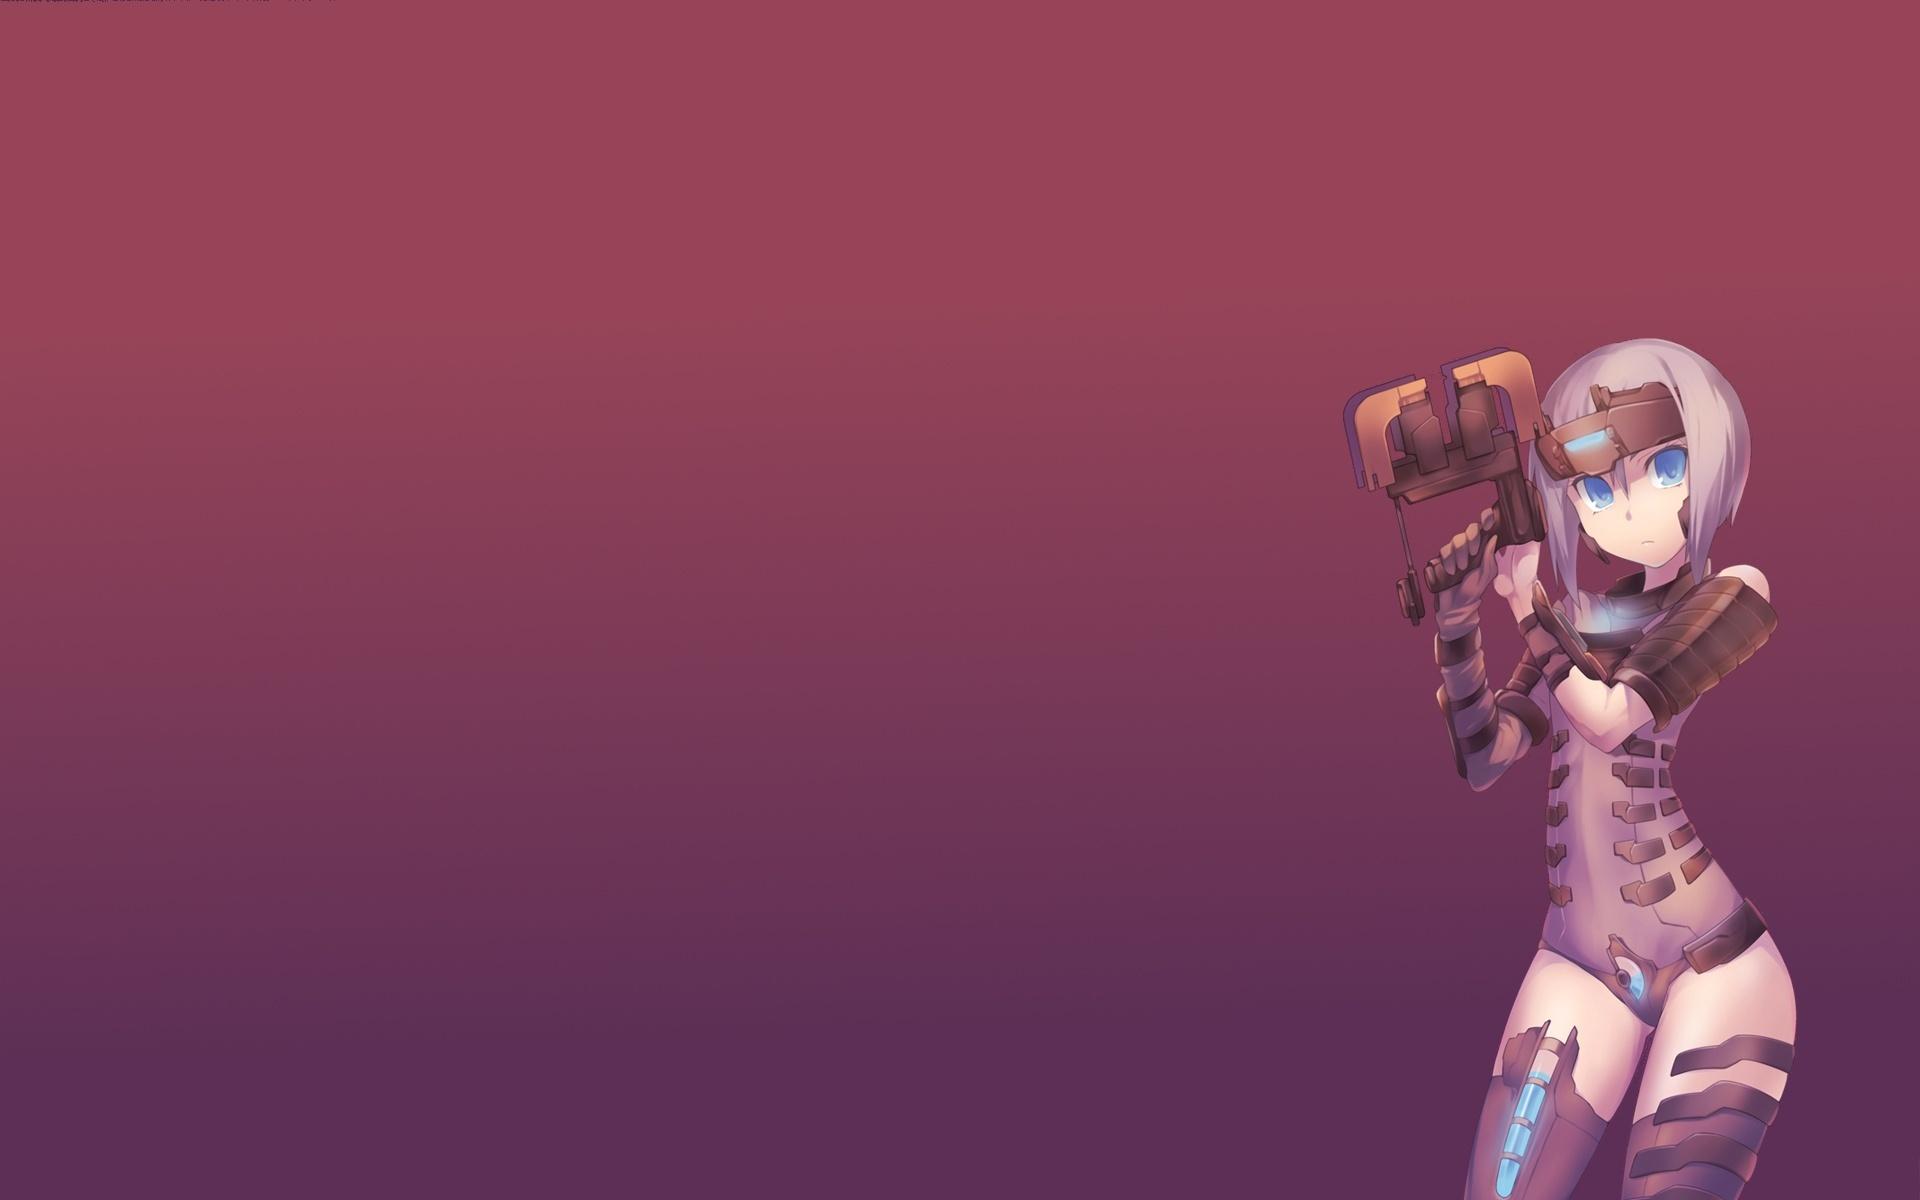 Dead Space Wallpaper - Dead Space Girl , HD Wallpaper & Backgrounds